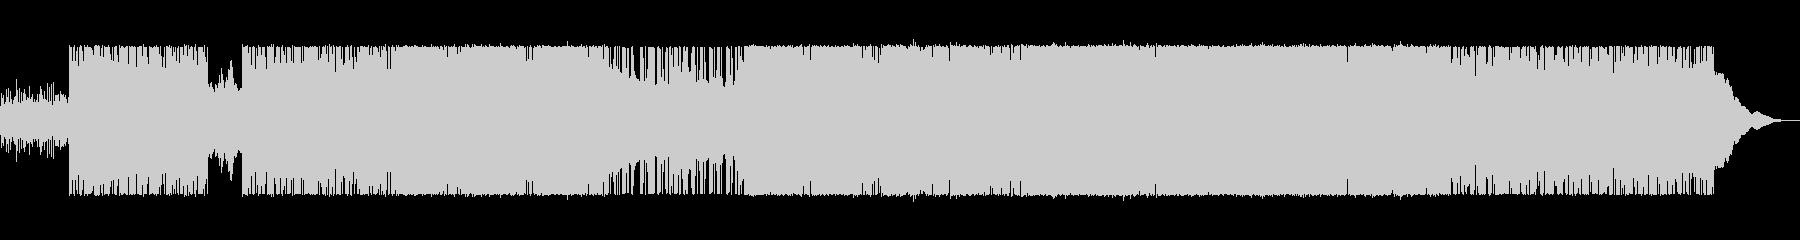 電気楽器。風変わりなロボット配信。...の未再生の波形